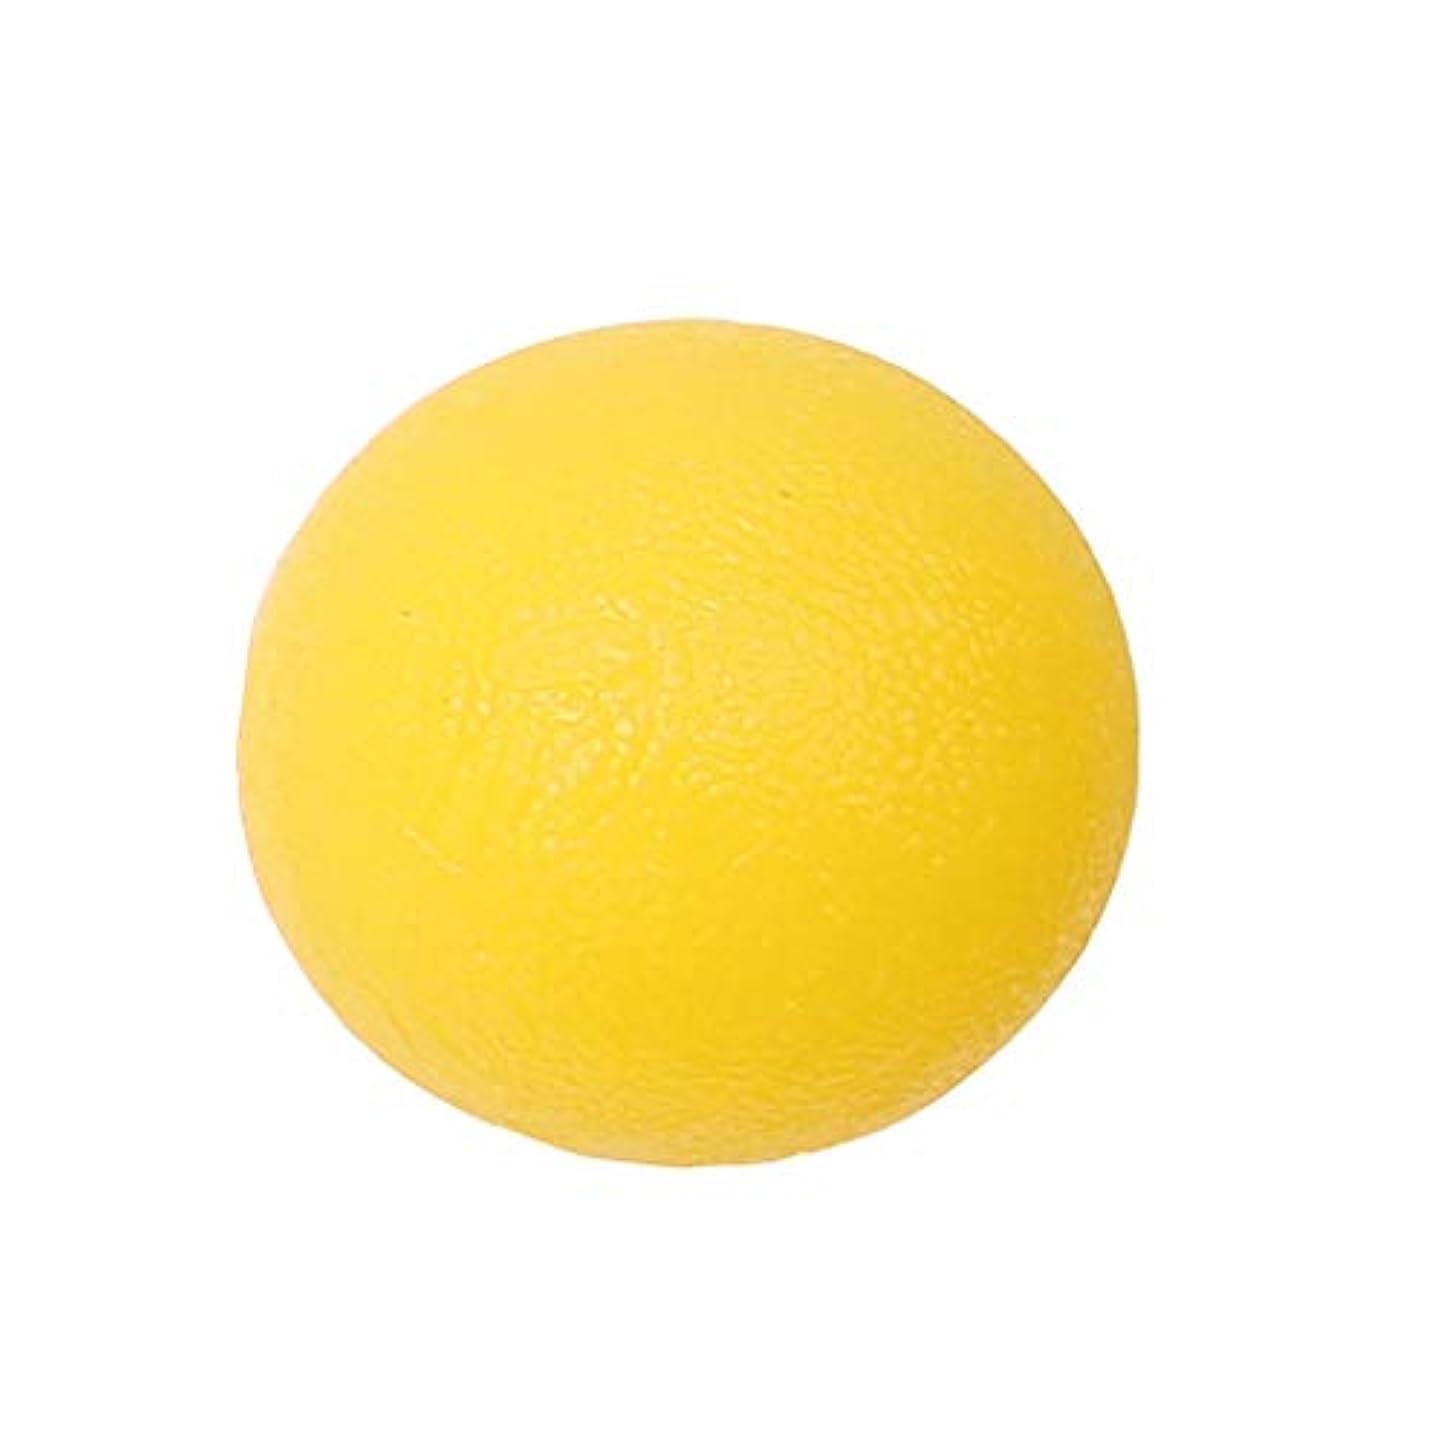 大腿ワーム暗唱するdailymall ポータブルシリコンハンドマッサージボールジョイントの痛みとグリップホームオフィスの強化 - 黄, 5cm